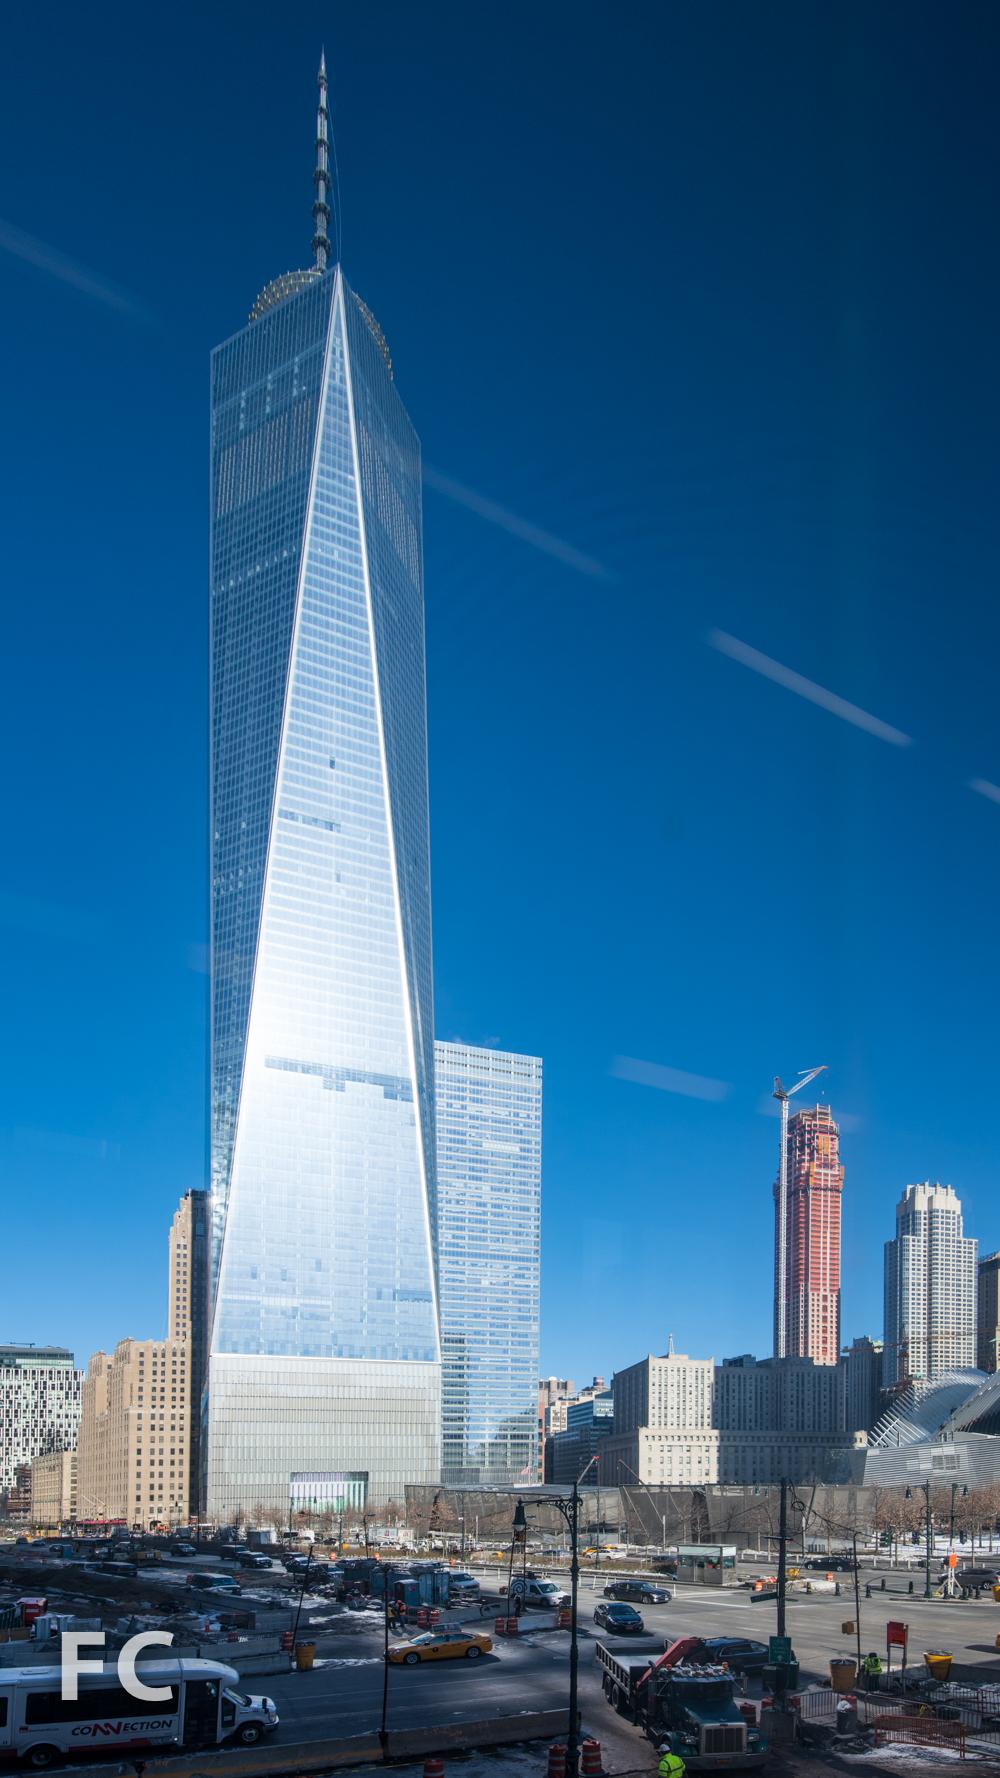 South facade of One World Trade Center.